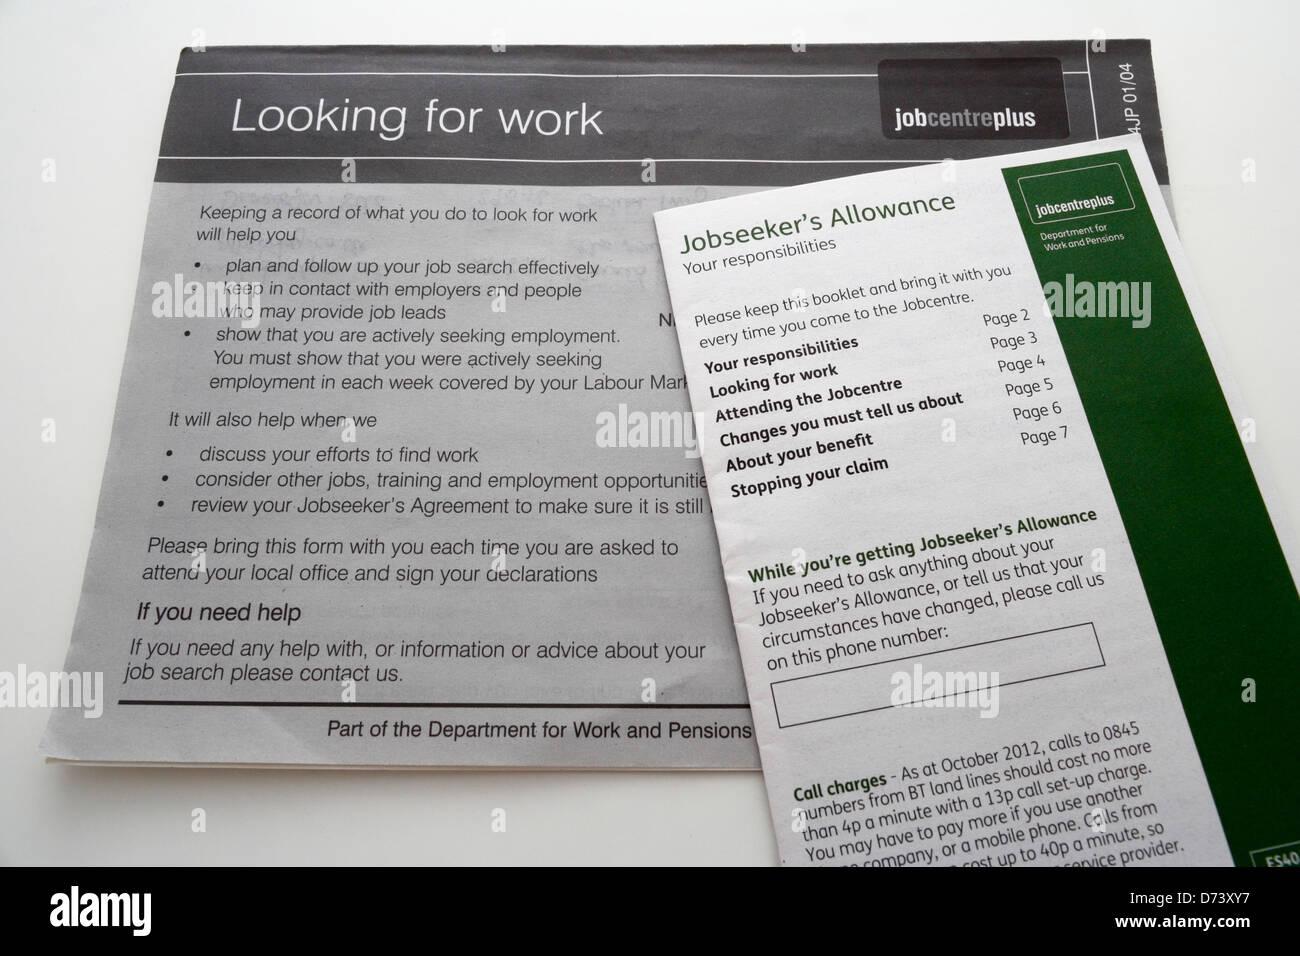 Jobseekers Allowance Stock Photos Jobseekers Allowance Stock